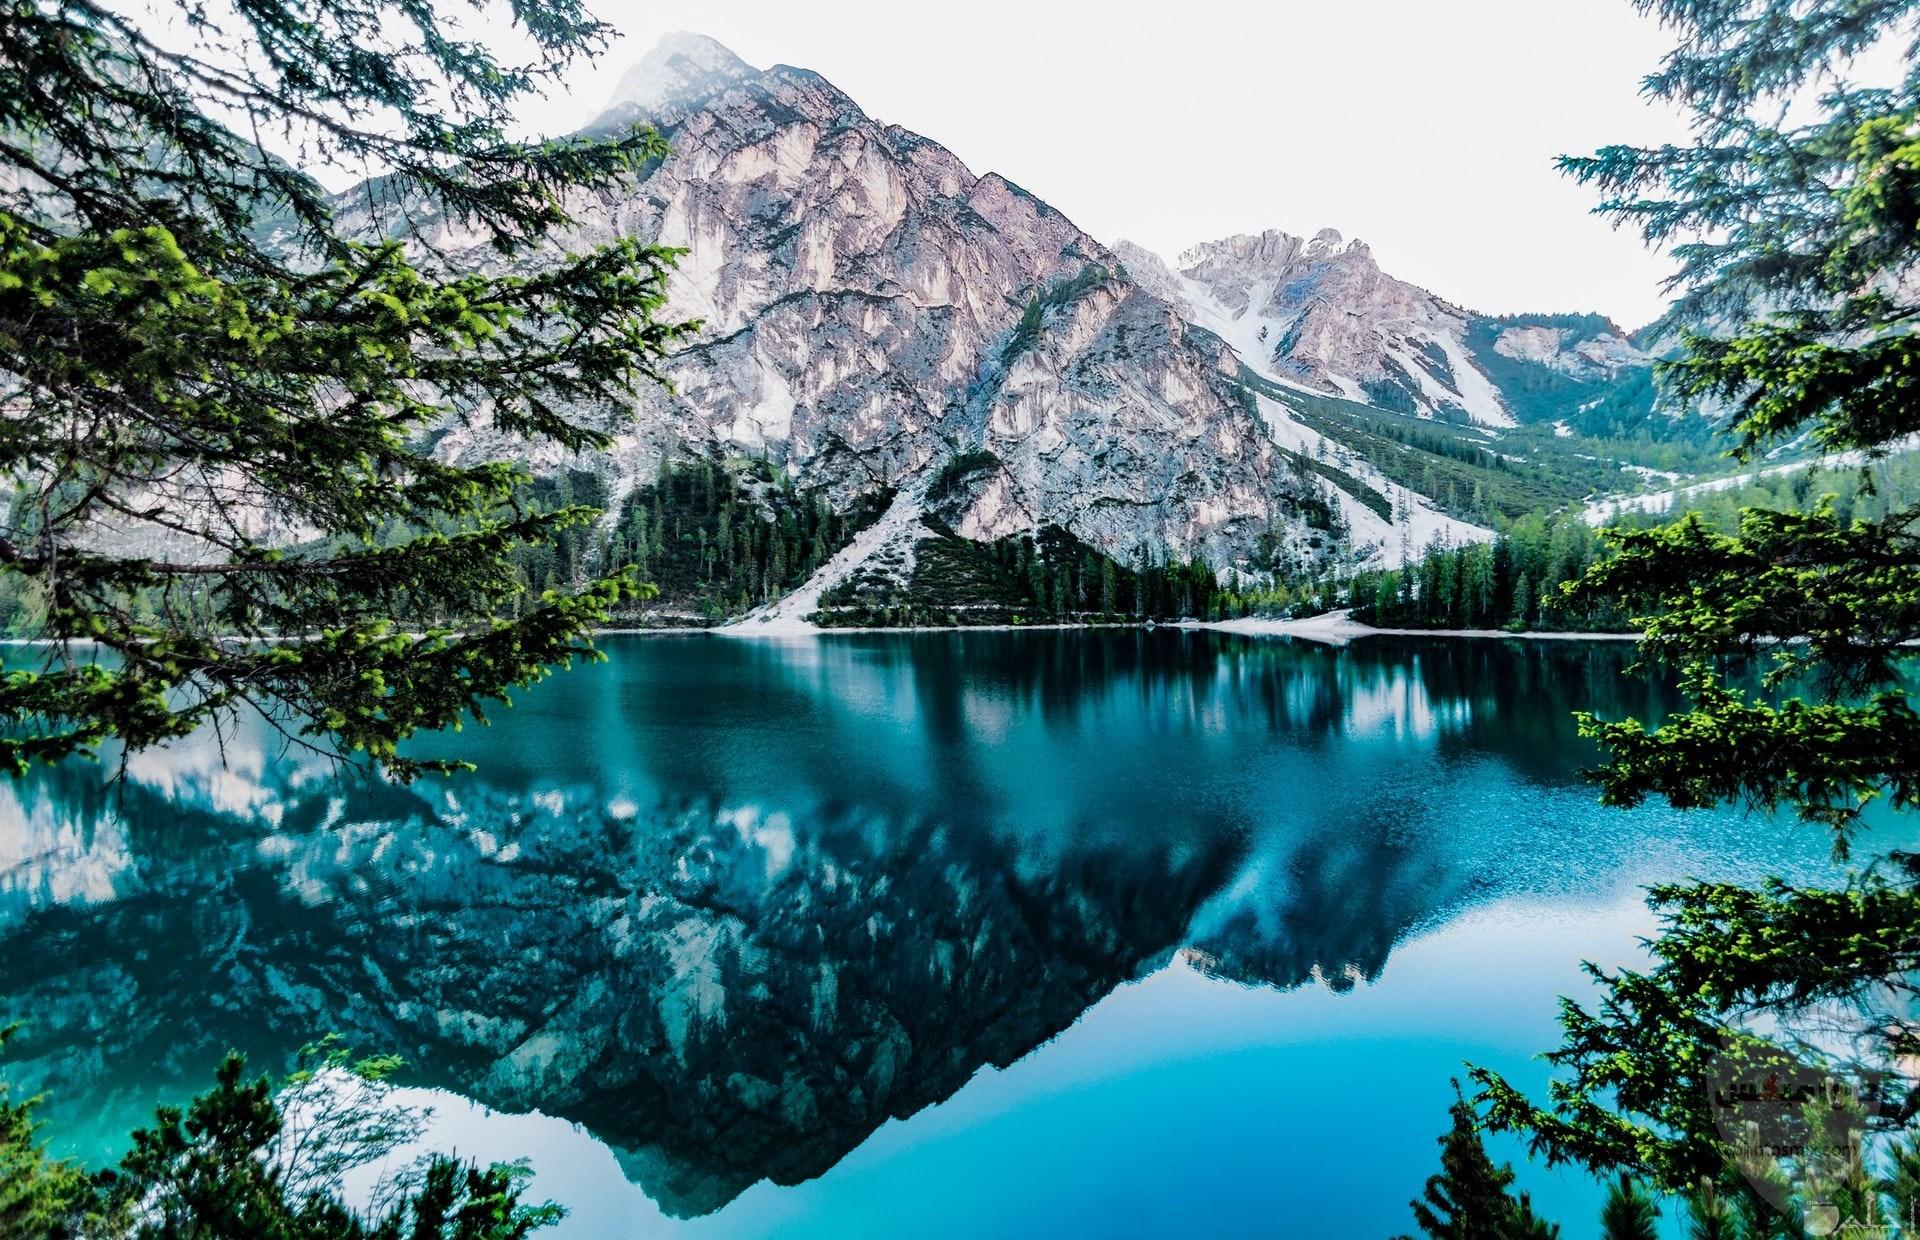 صور طبيعة جميلة صور وخلفيات الطبيعه 2020 أجمل صور للطبيعة 14